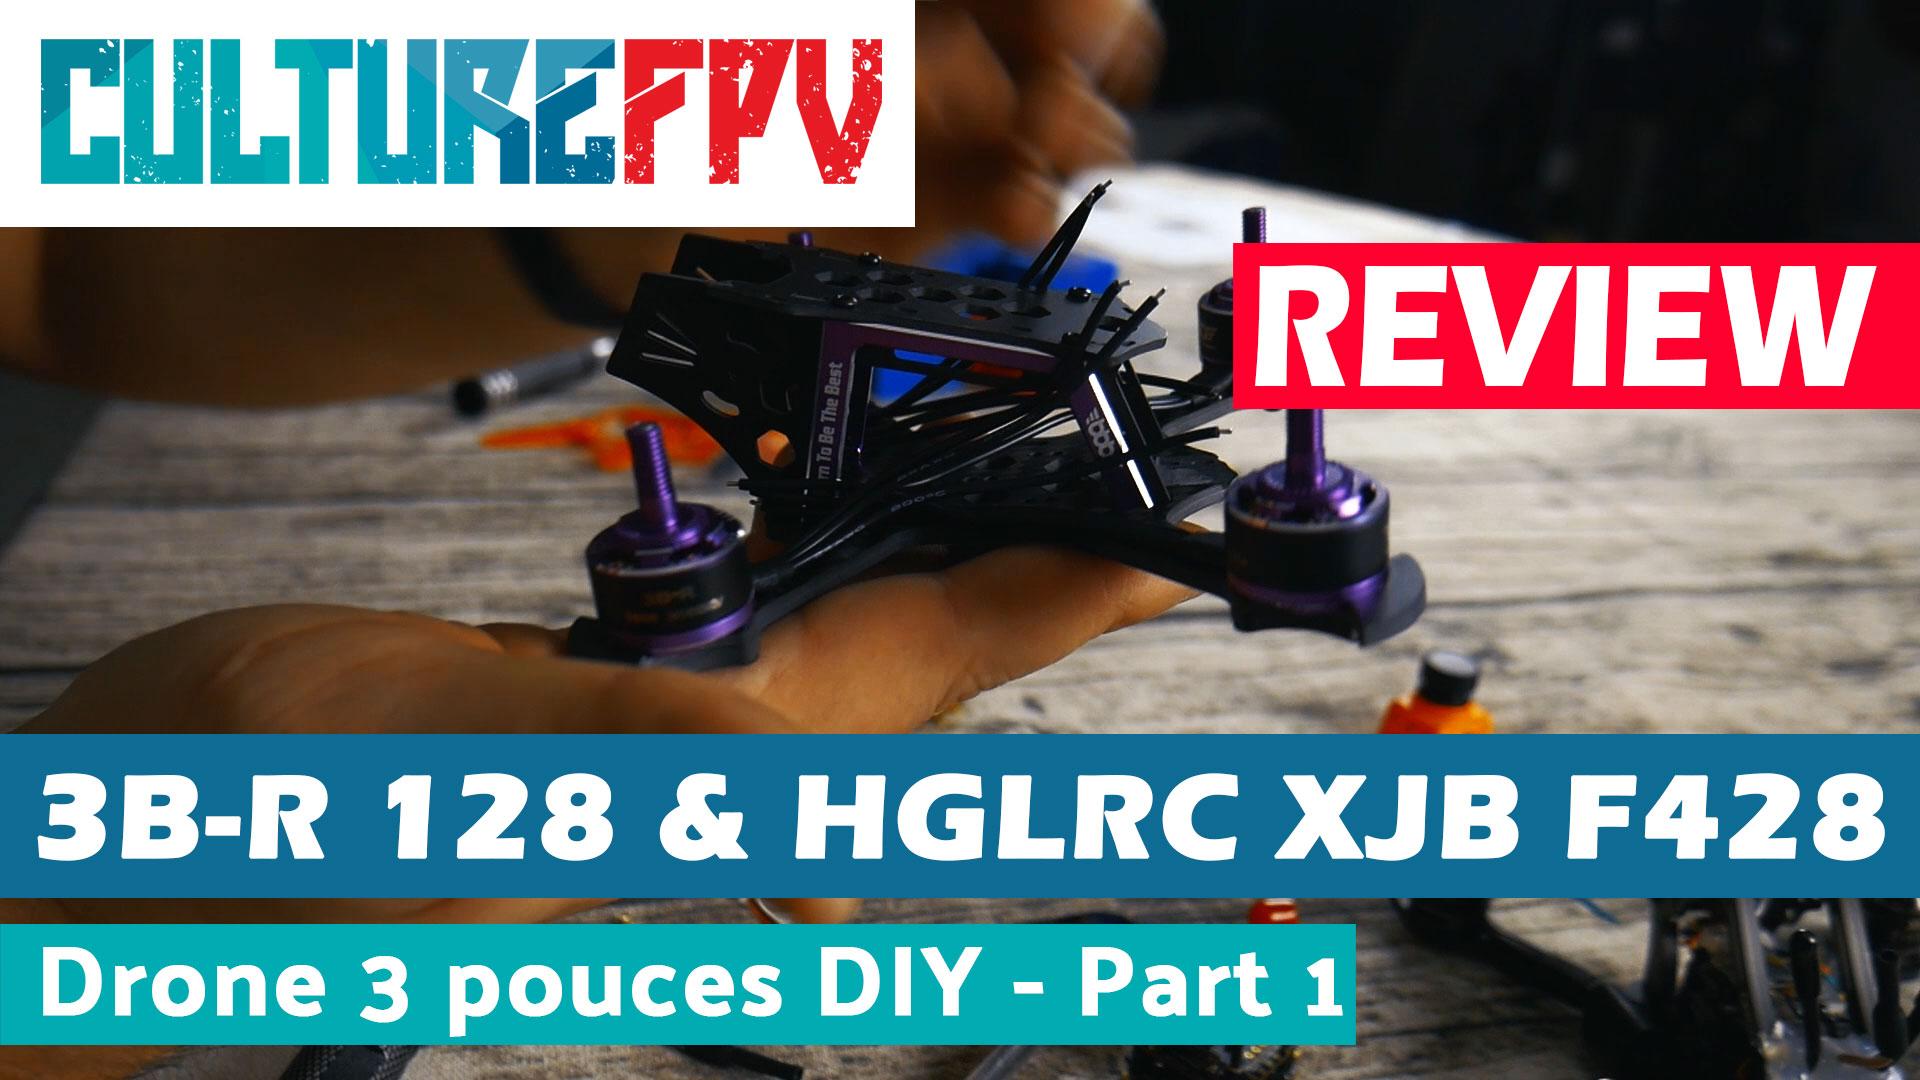 BBB 3B-R Mini 128 & HGLRC XJB F428 TX02 v2